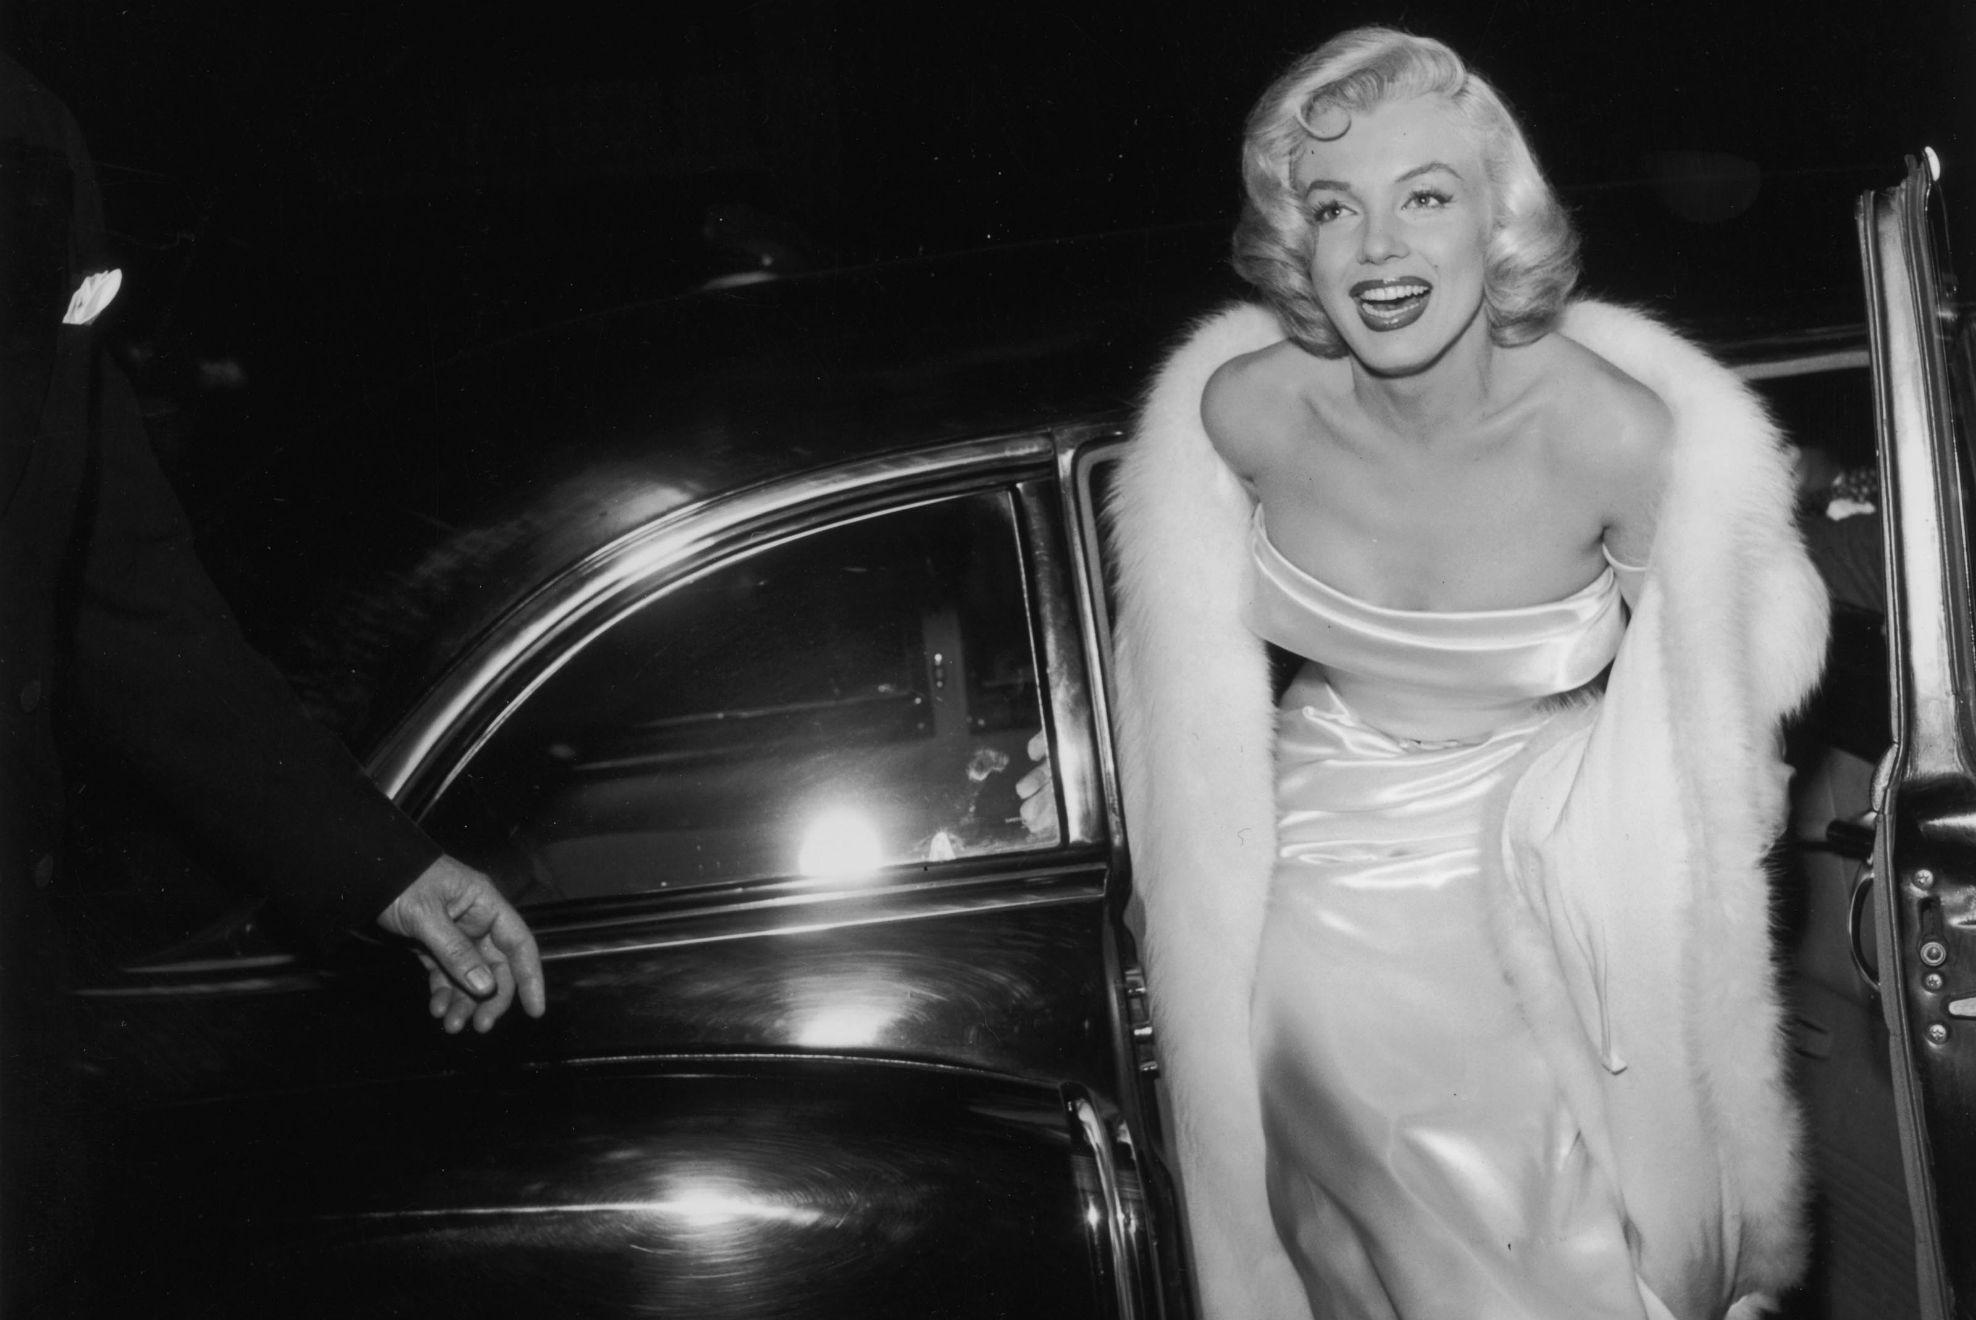 1920x1080 4 Marilyn Monroe Desktop Wallpaper5 600x338